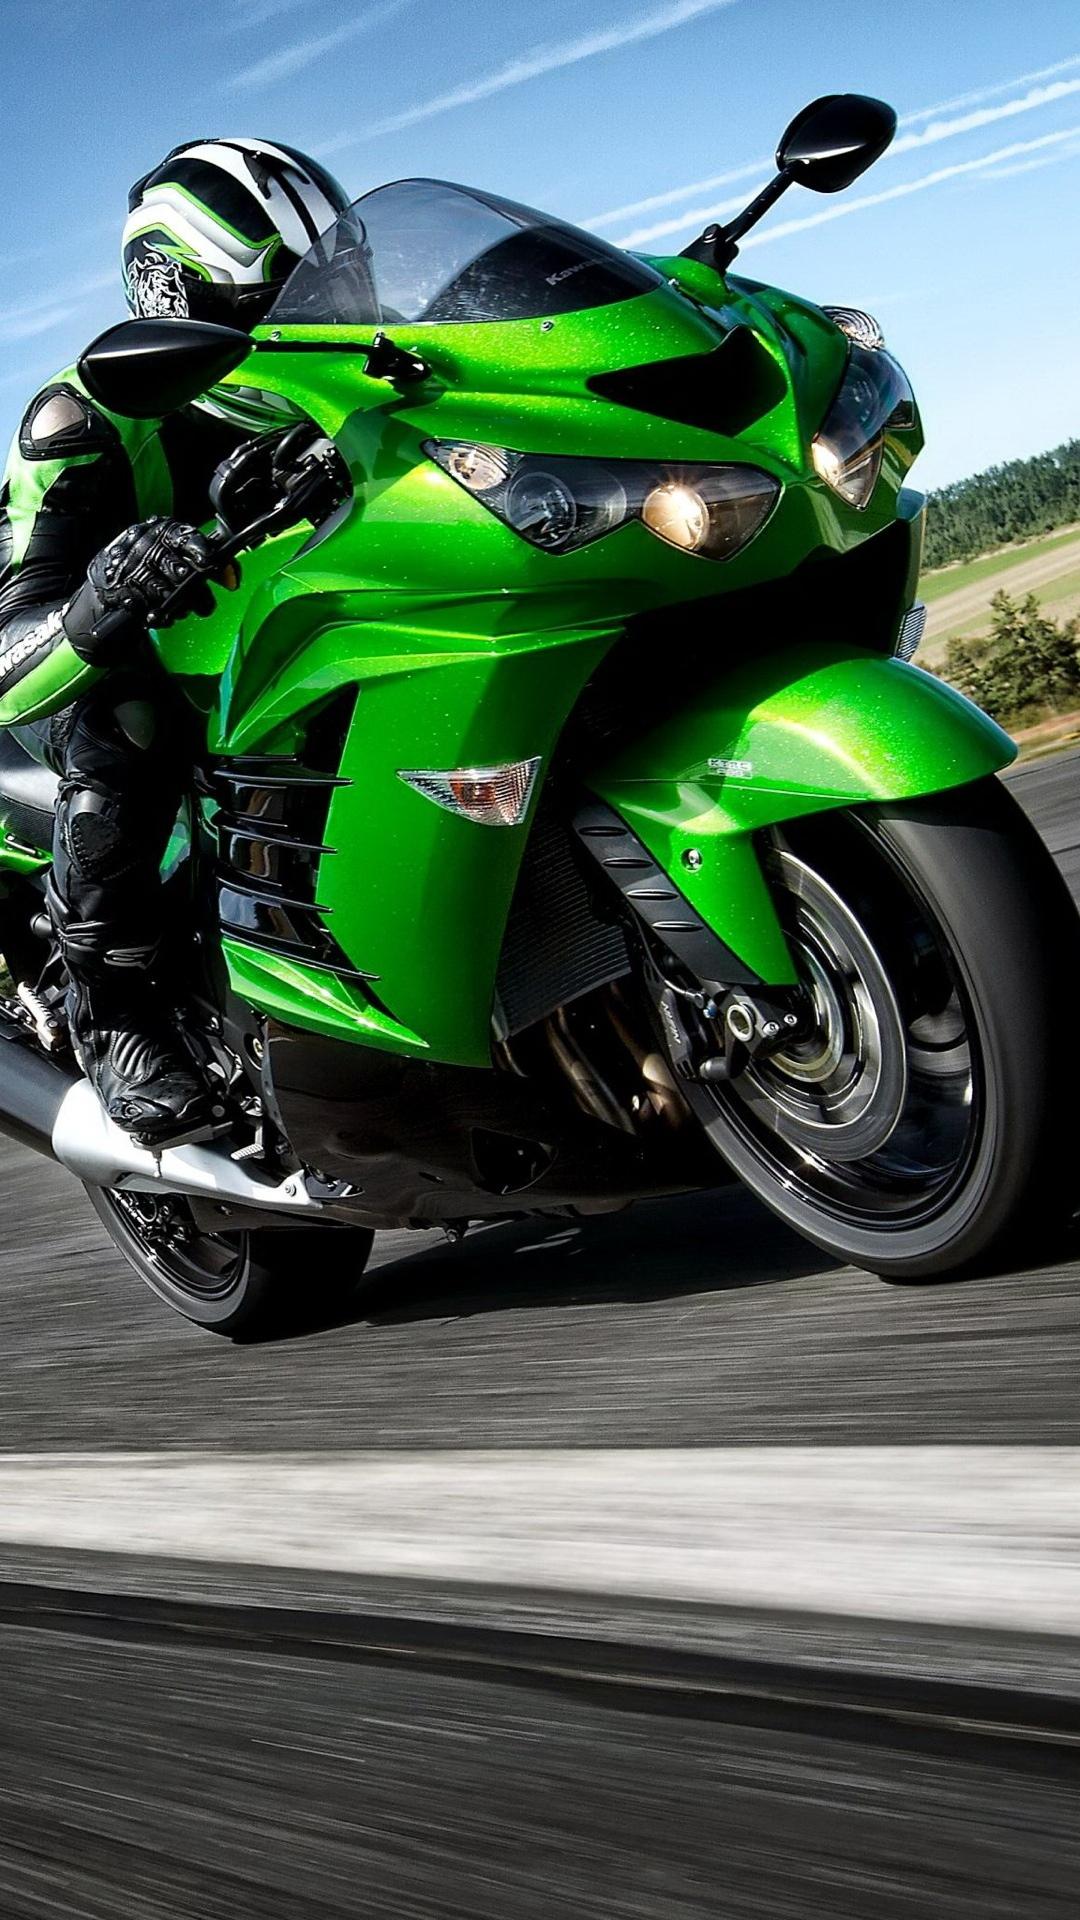 Fondo de pantalla con moto verde